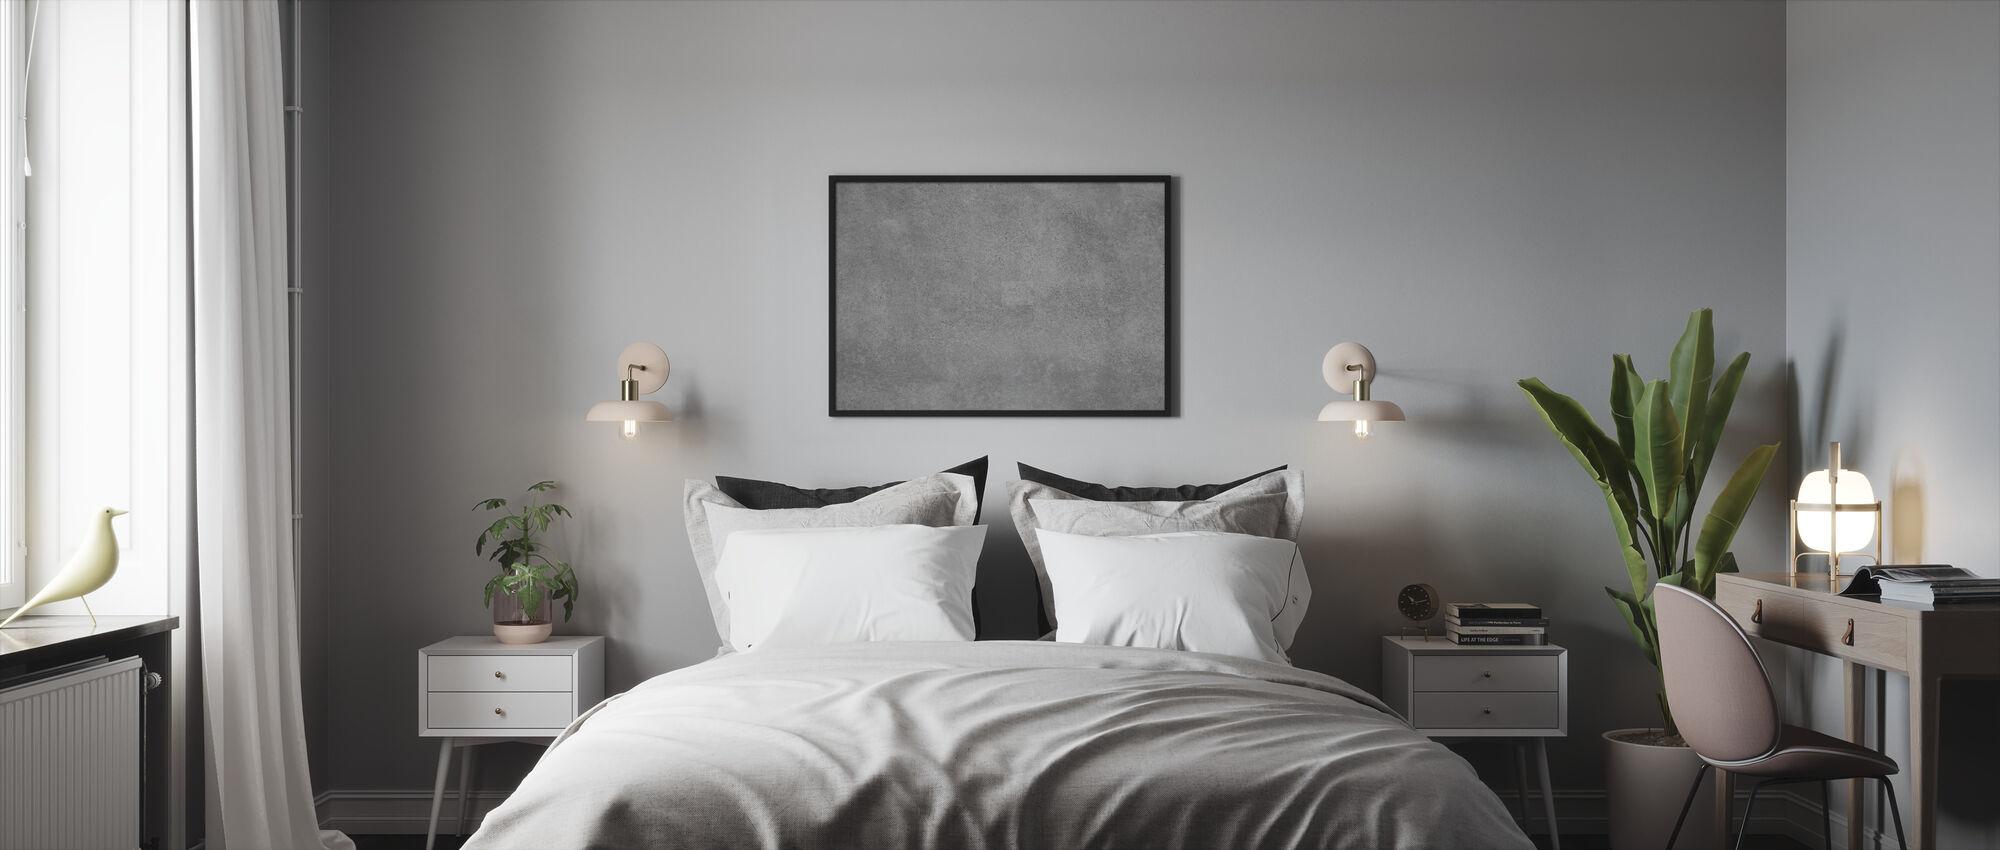 Muur van massief beton - Ingelijste print - Slaapkamer